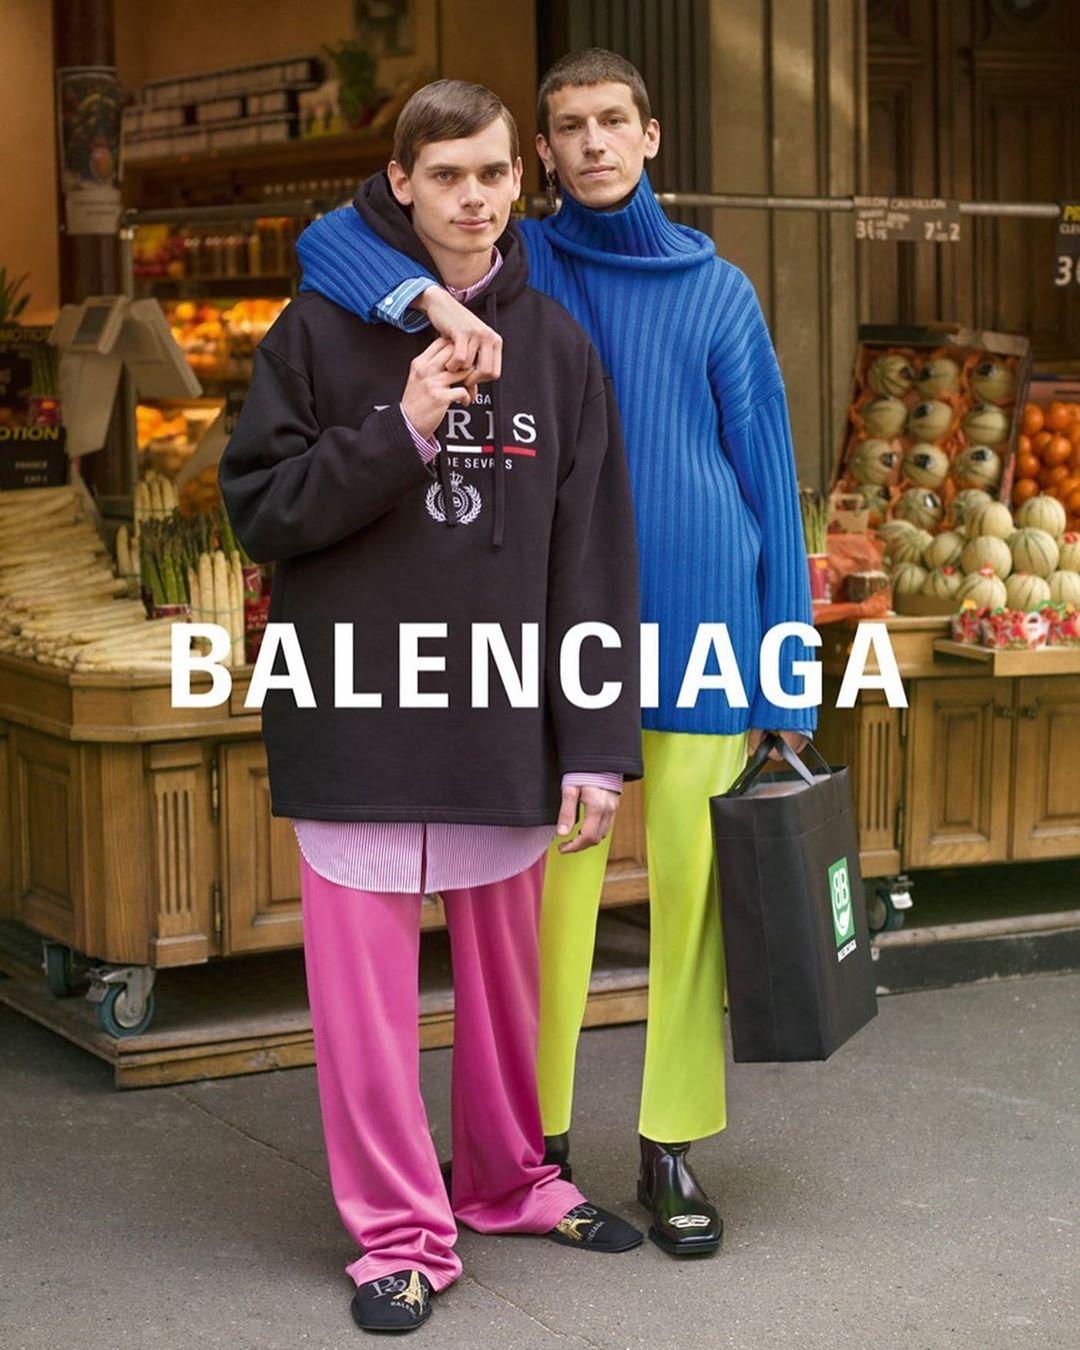 Campania Balenciaga pentru sezonul Toamnă/Iarnă. Povești de dragoste în Paris